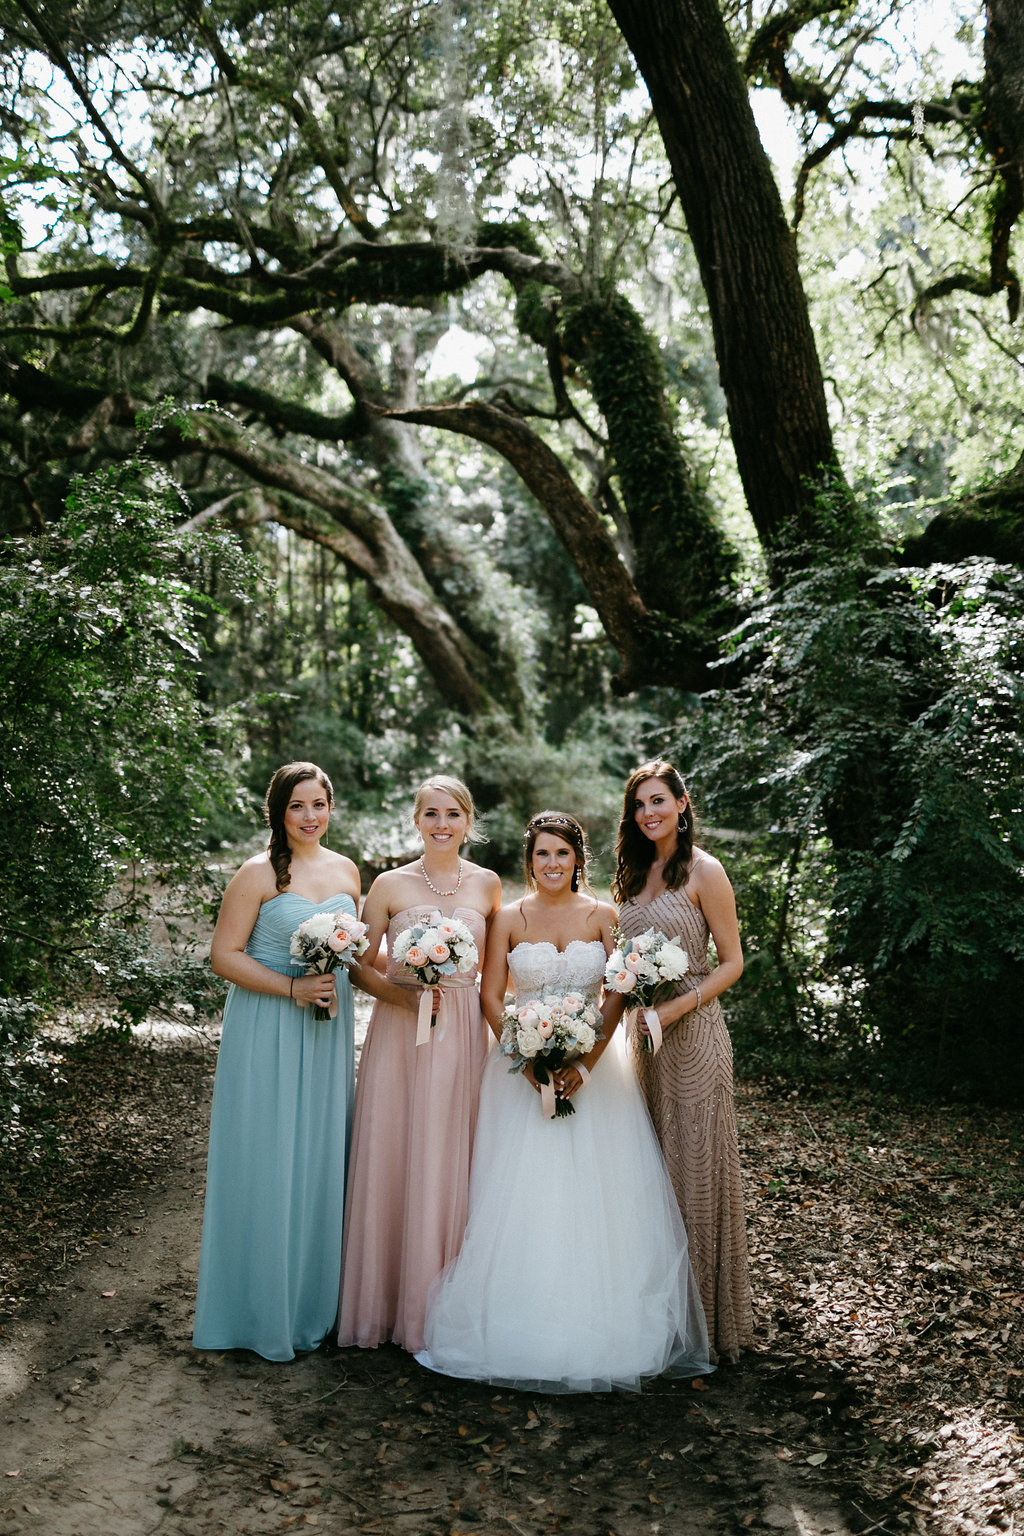 Wingate Plantation wedding on Johns Island l mismatched bridesmaids dresses l Pure Luxe Bride